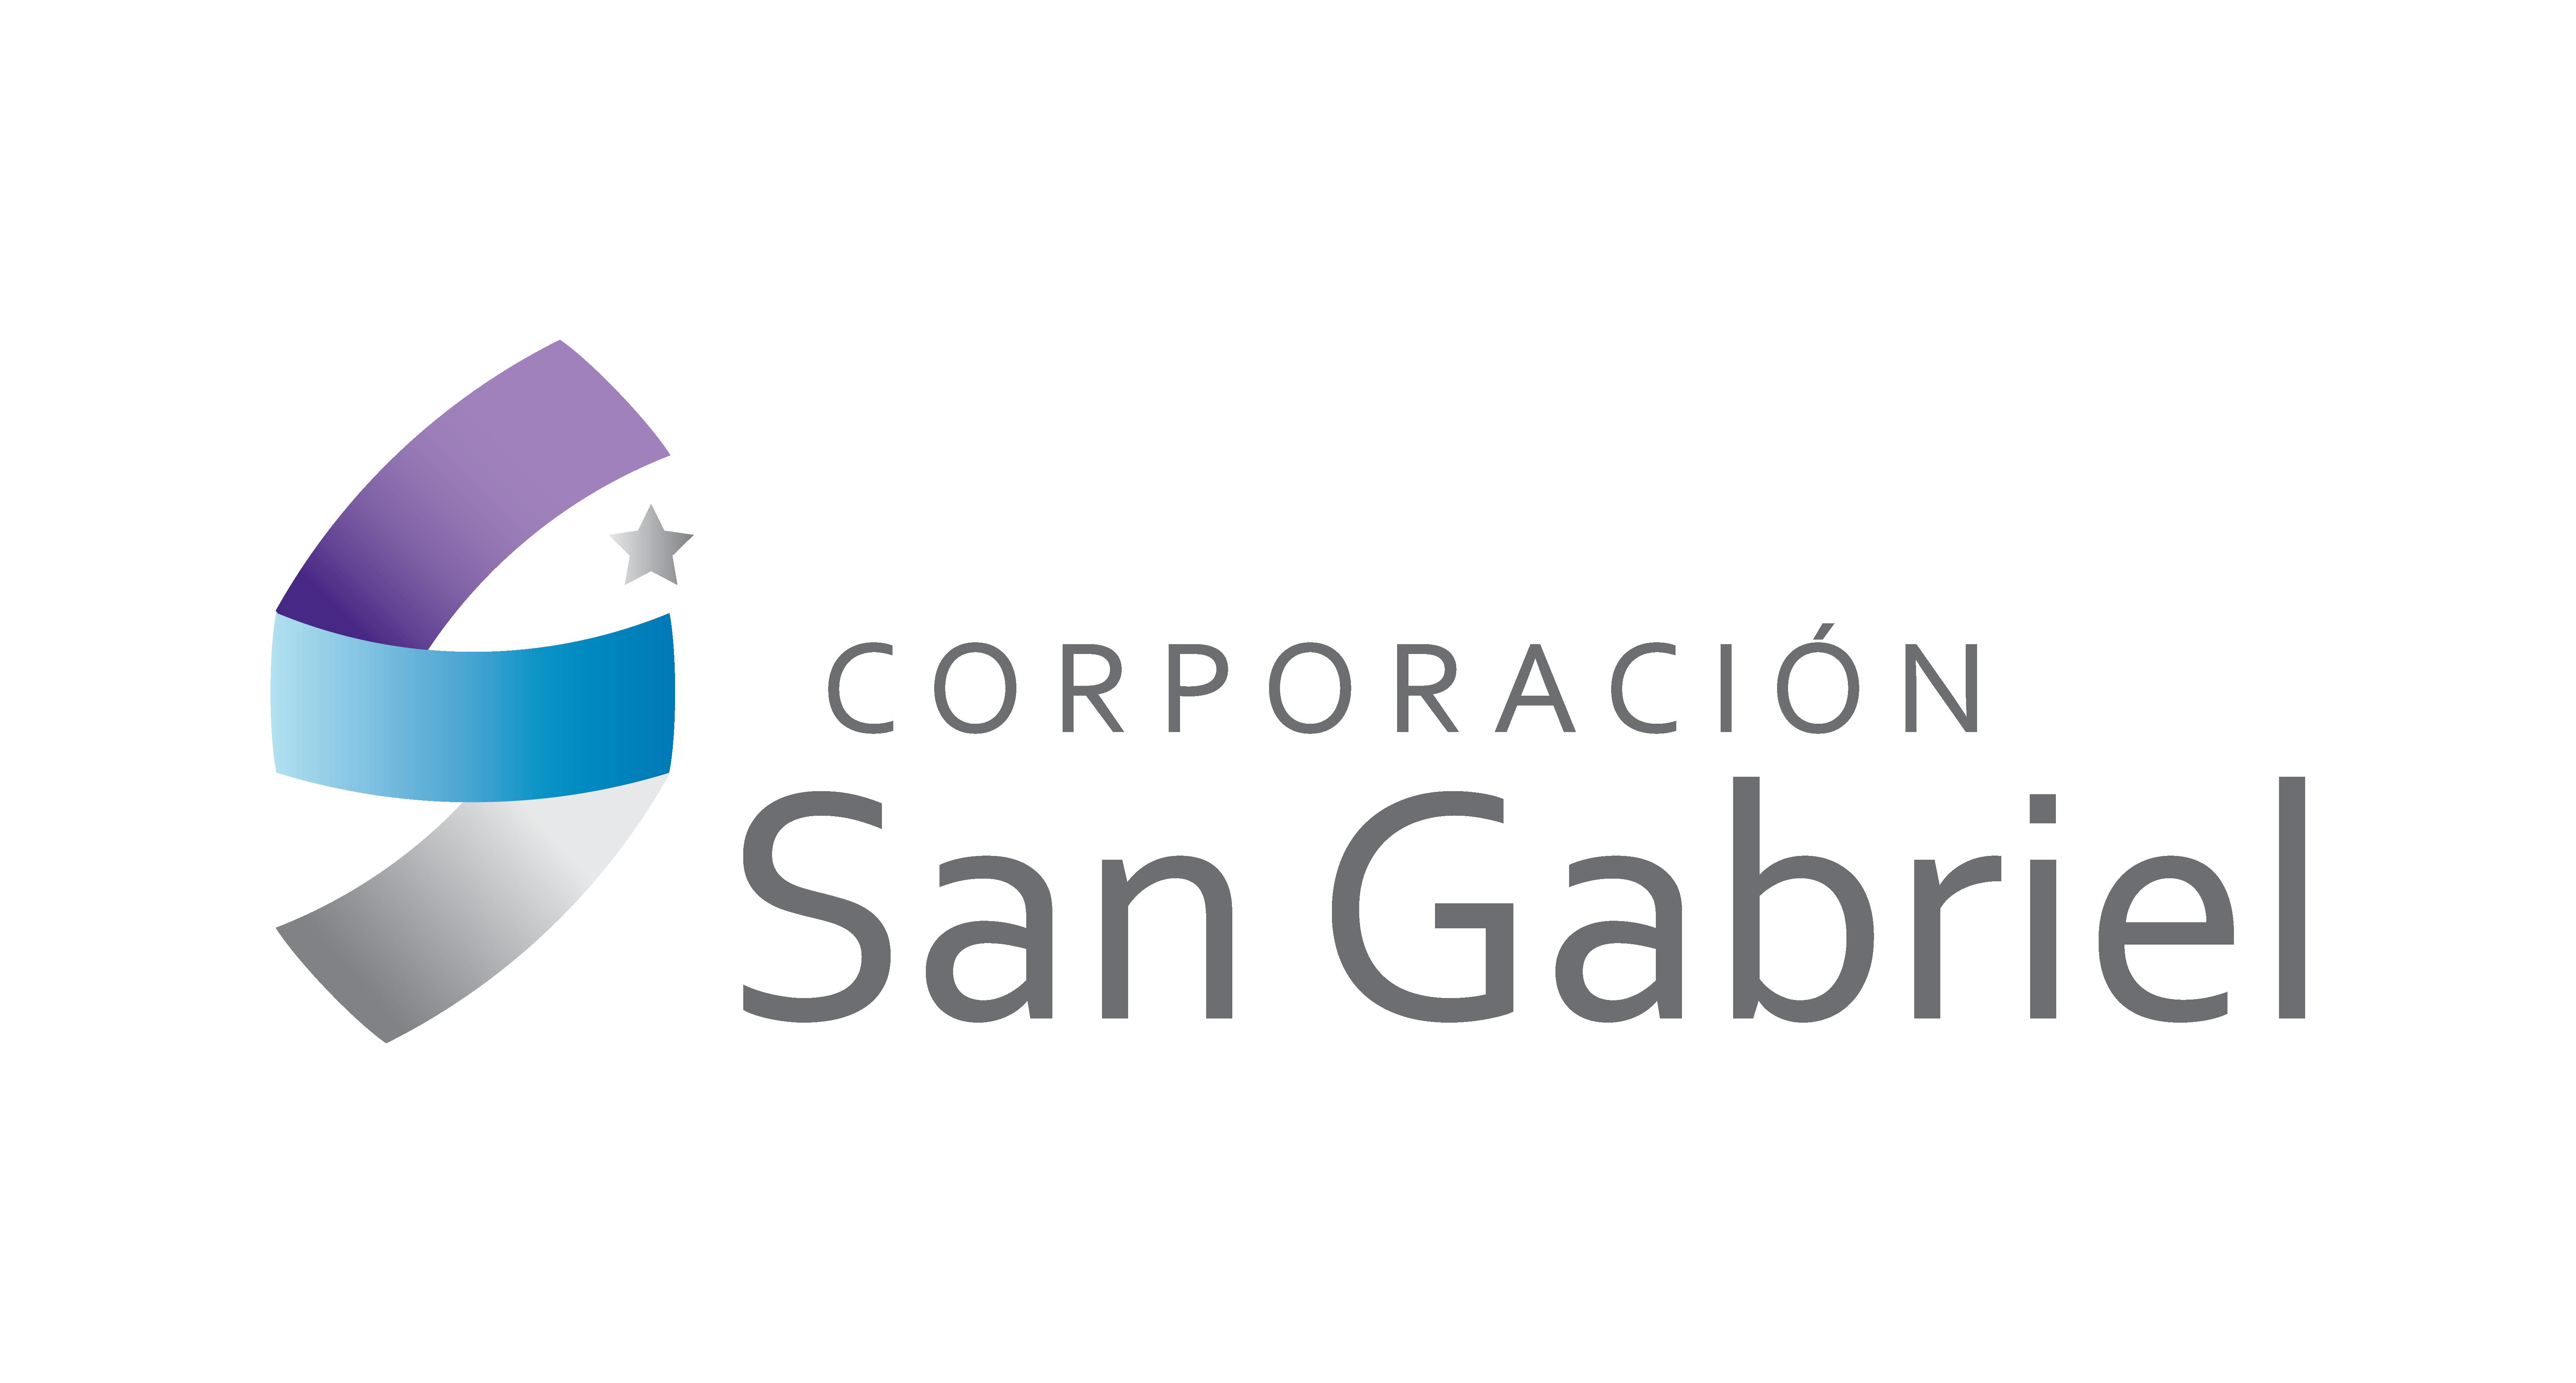 Corporación San Gabriel